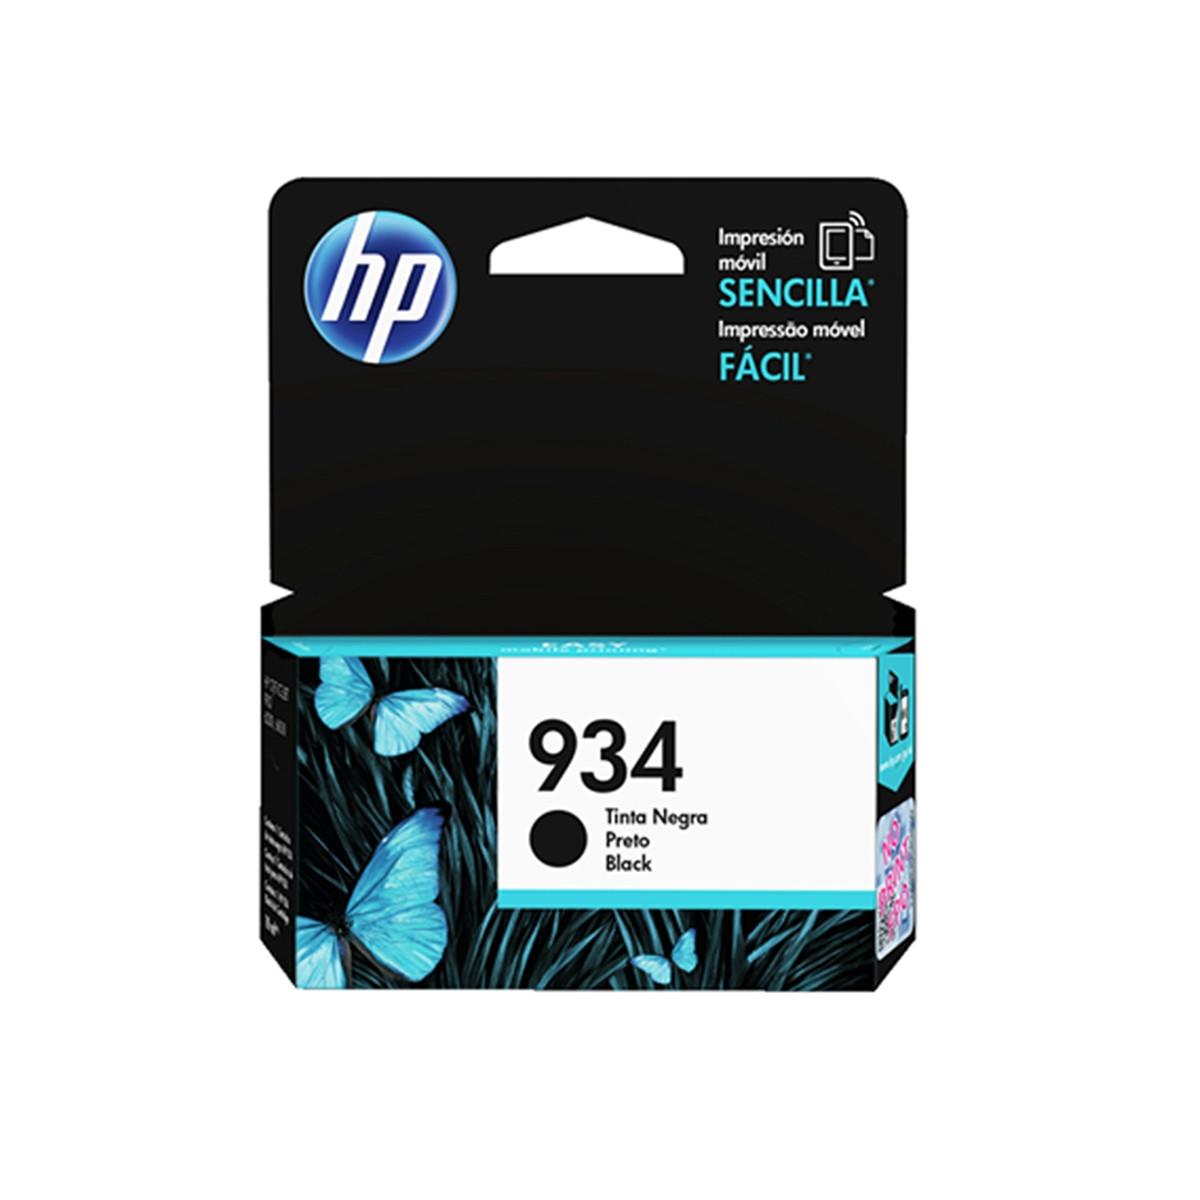 Cartucho de Tinta HP 934 C2P19AL C2P19AN C2P19AB Preto | 6230 E3E03A 6830 E3E02A | Original 10ml